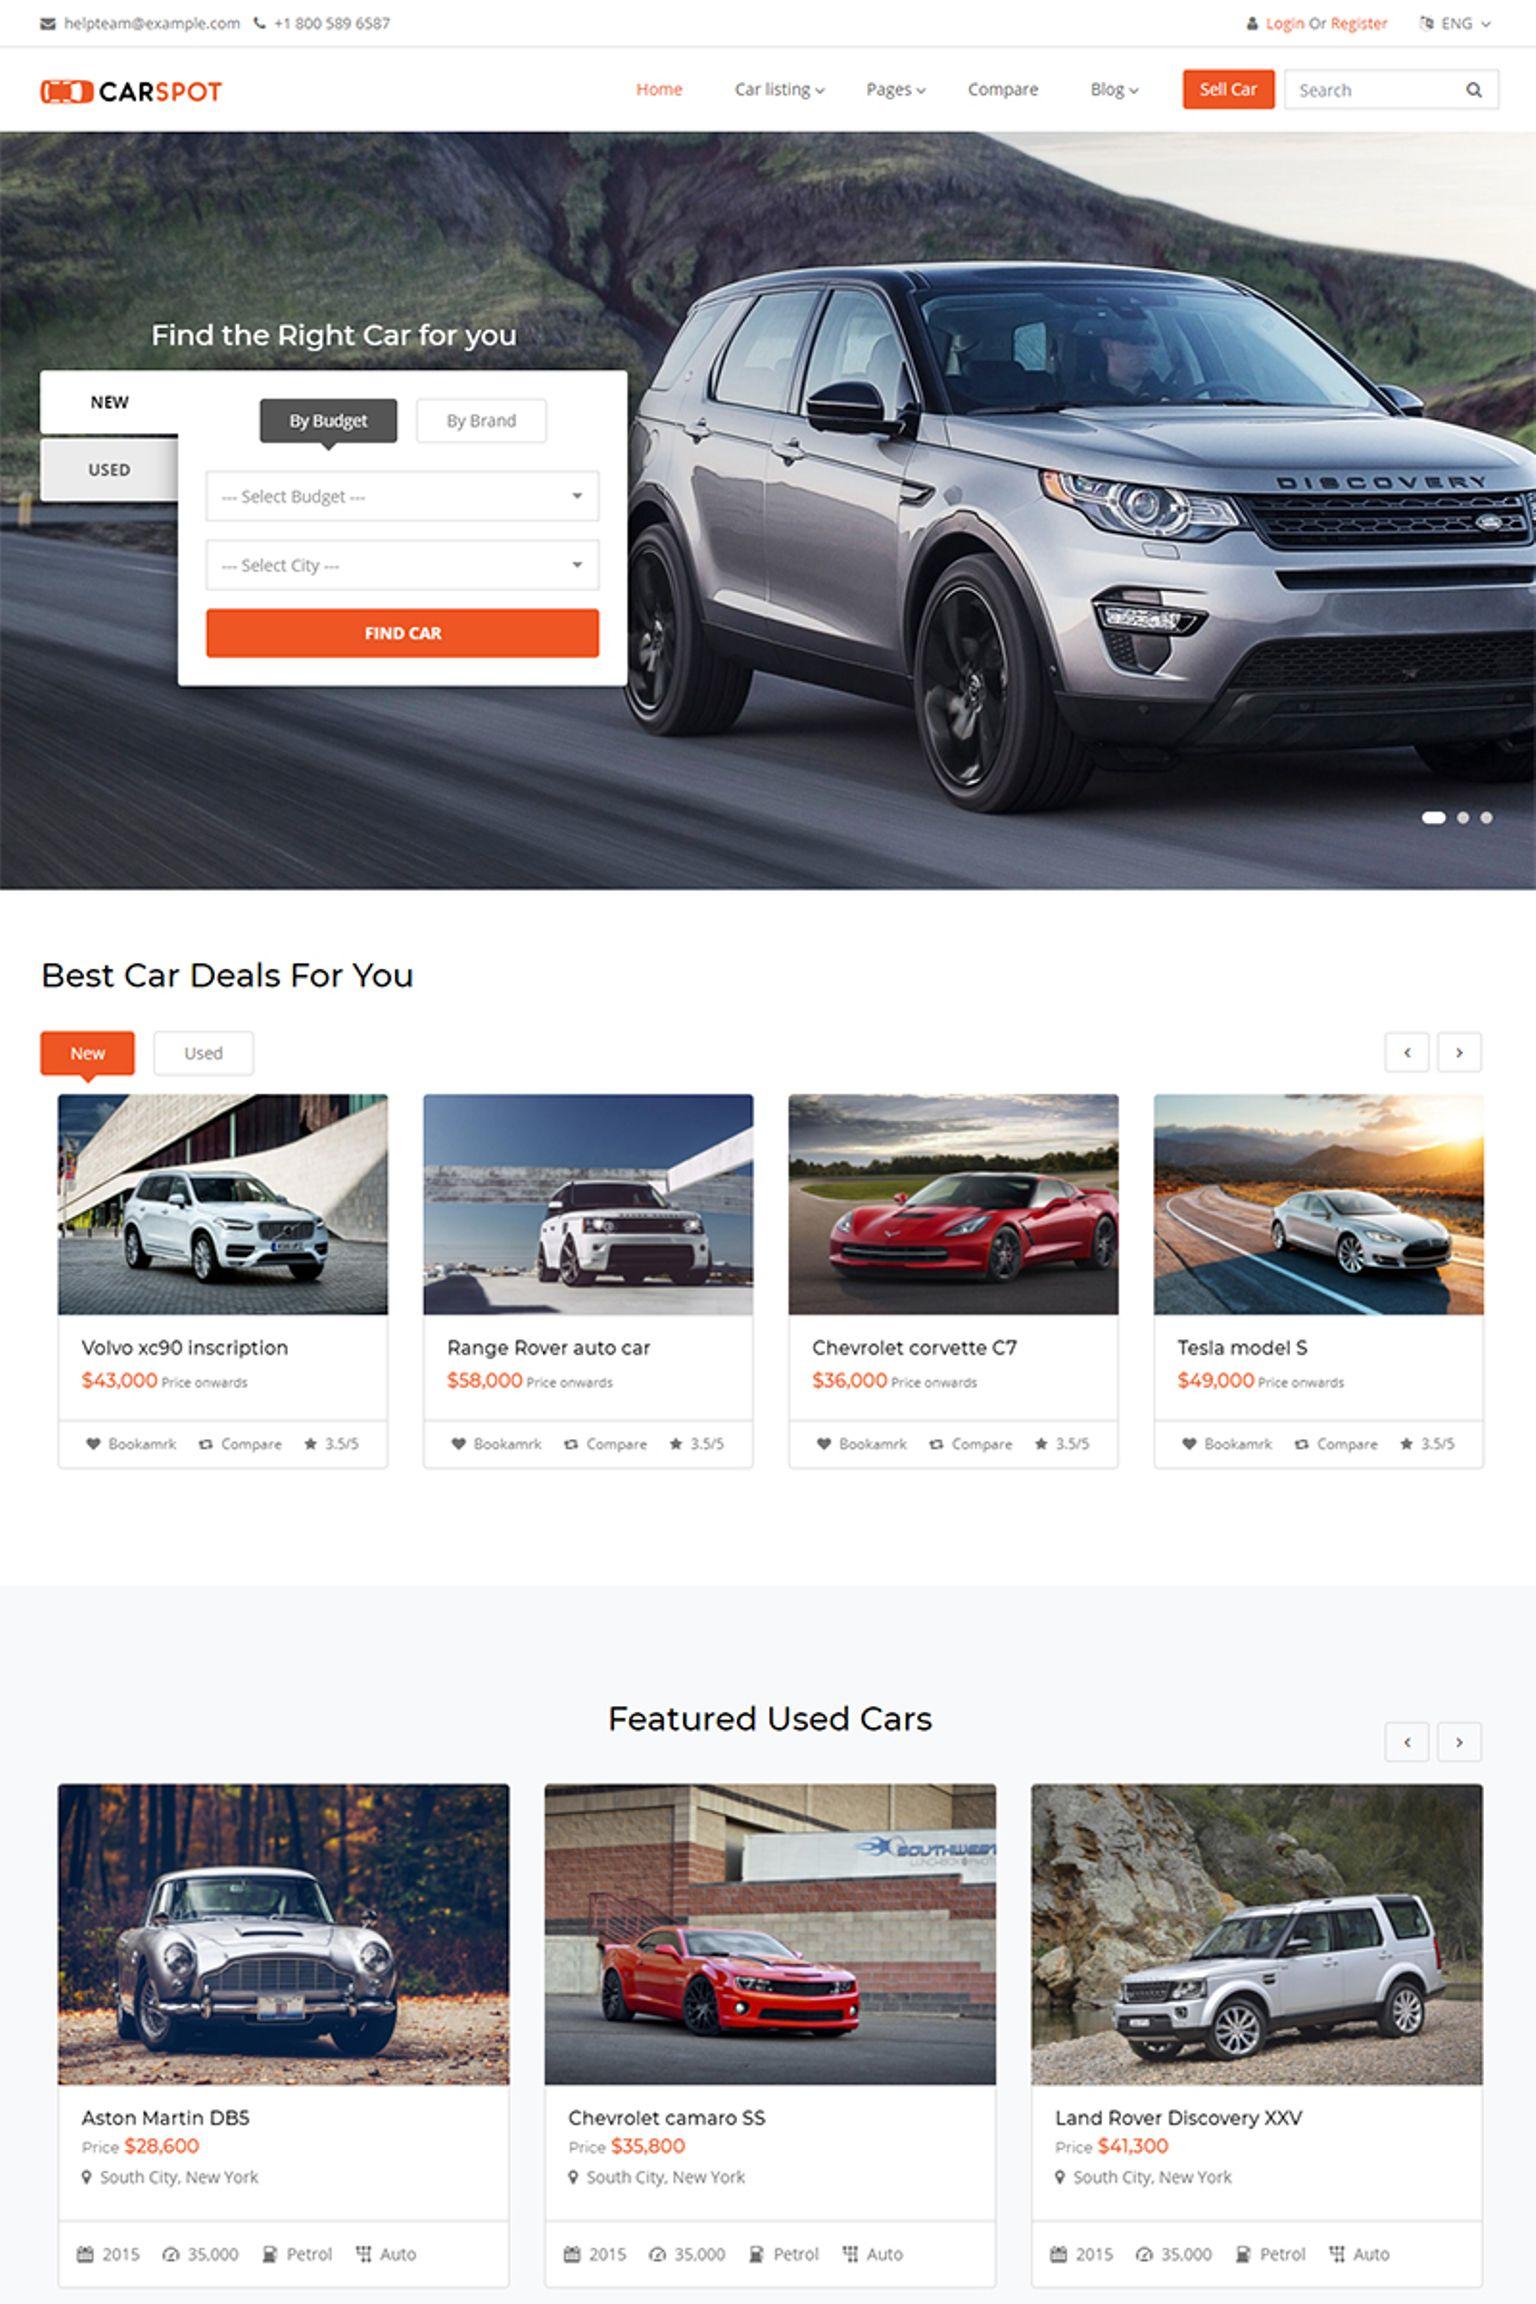 Responsywny szablon strony www Carspot - Automotive Car Dealer #67386